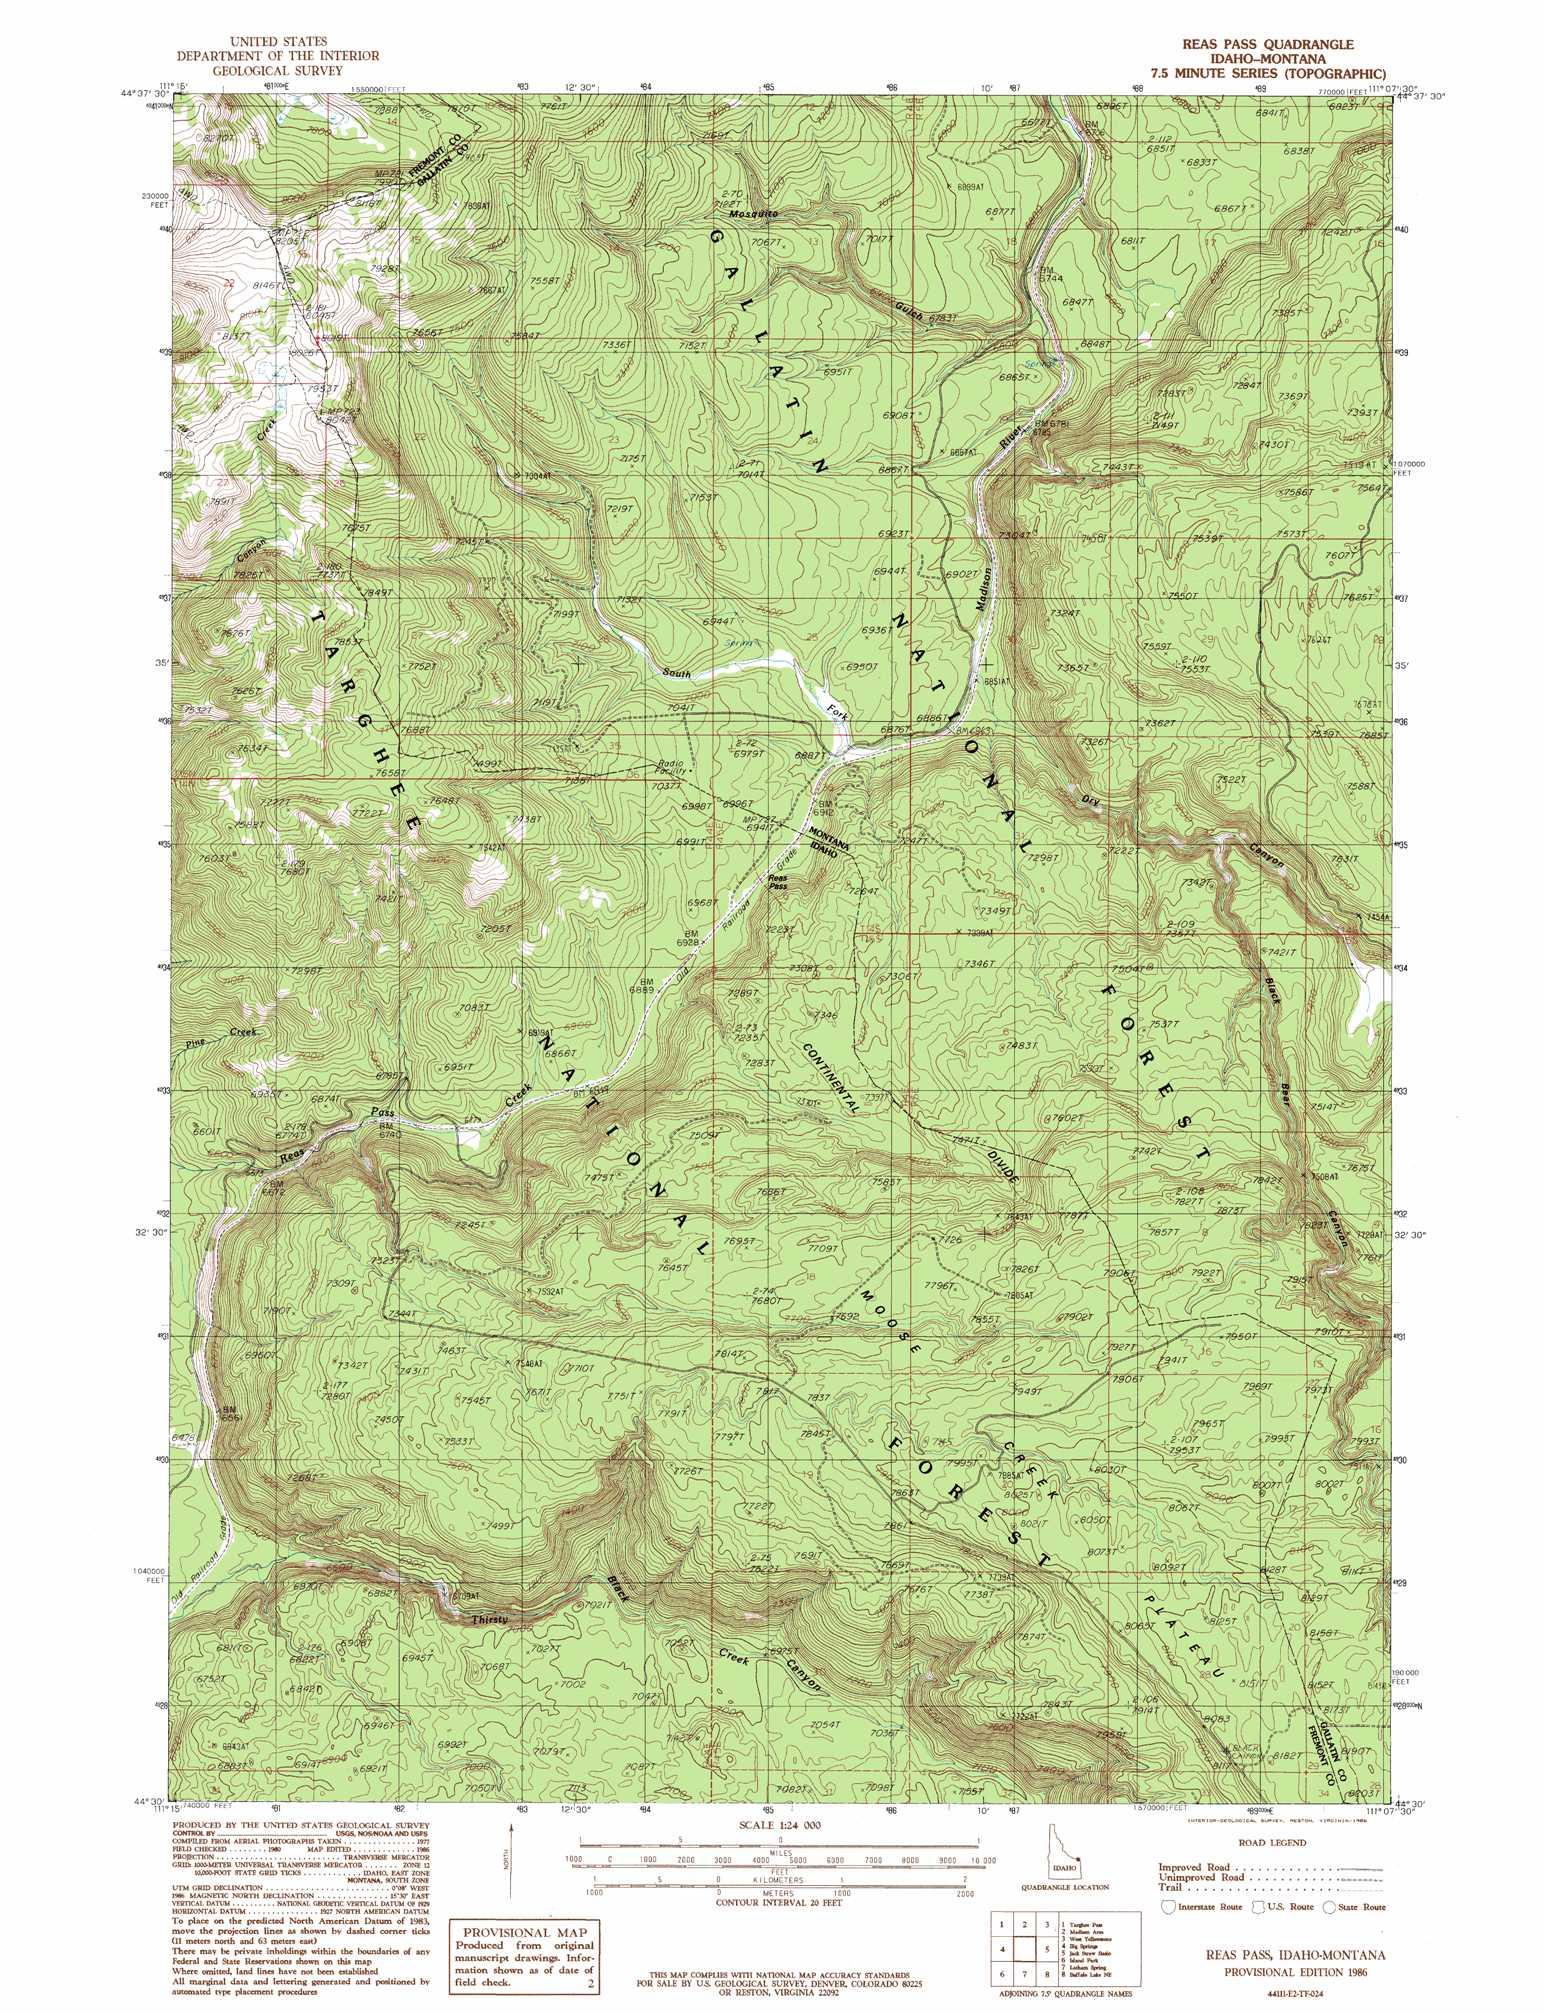 Reas Pass topographic map, ID, MT - USGS Topo Quad 44111e2